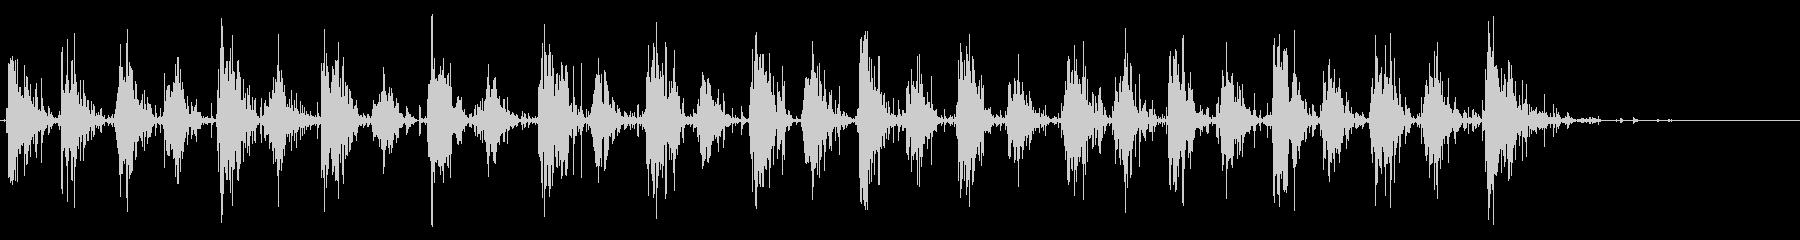 木製シェルシェーカー:リズムシェークの未再生の波形